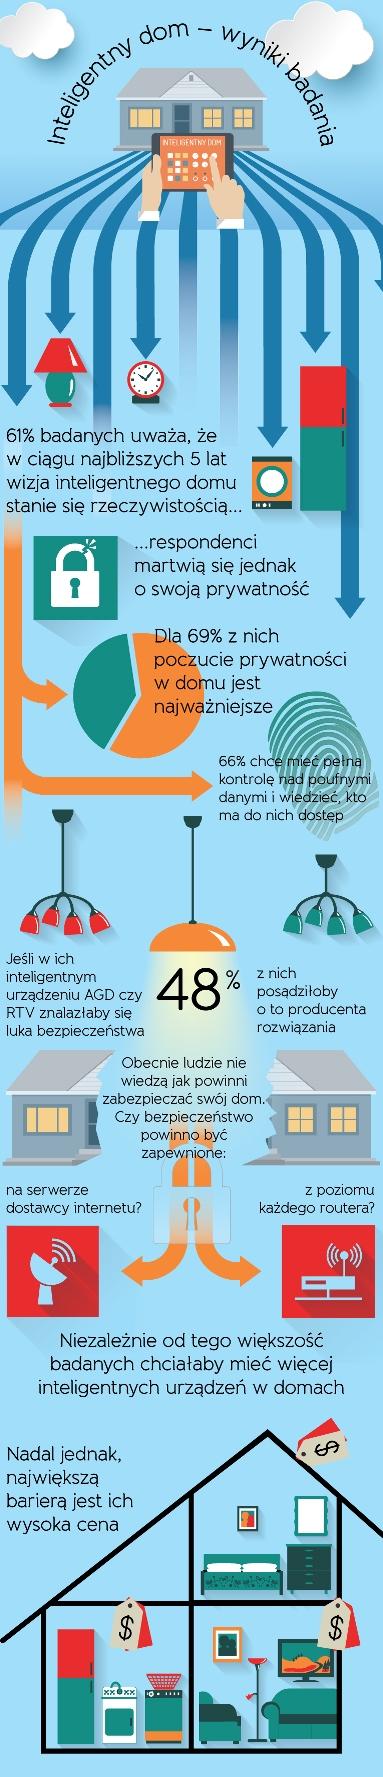 Inteligentny dom - infografika